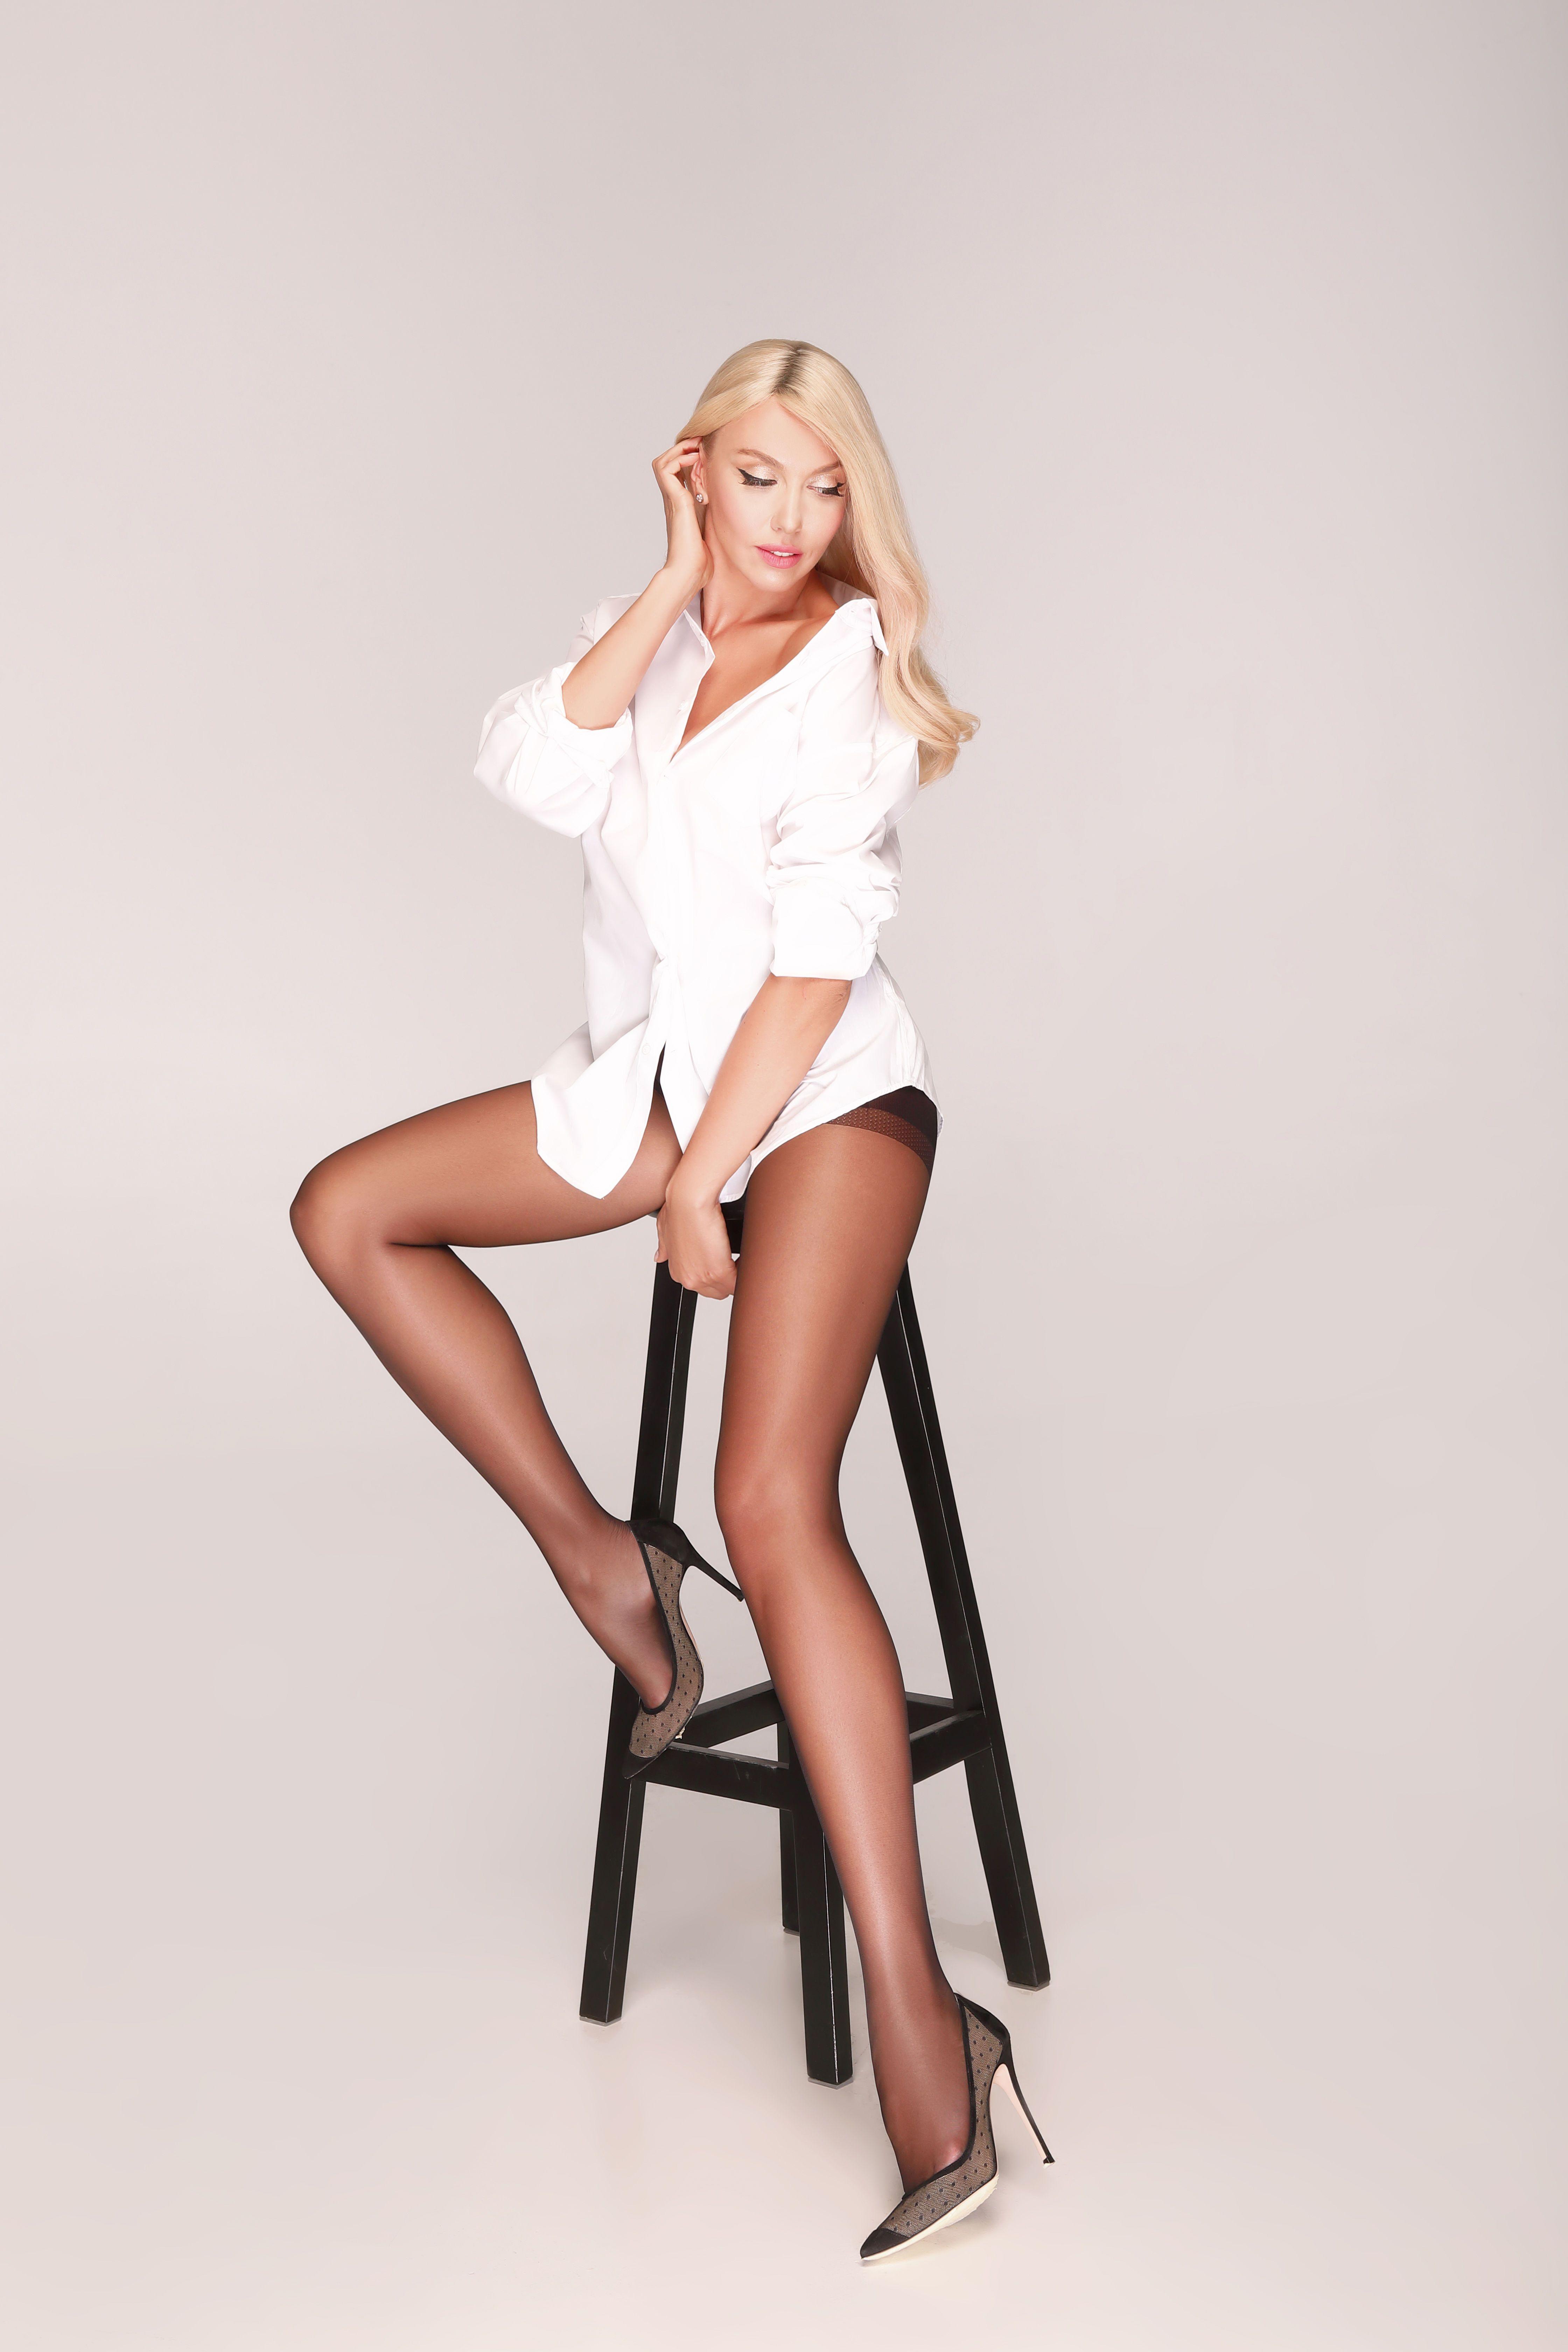 Розкішна Оля Полякова показала довгі ноги в панчохах (фото)